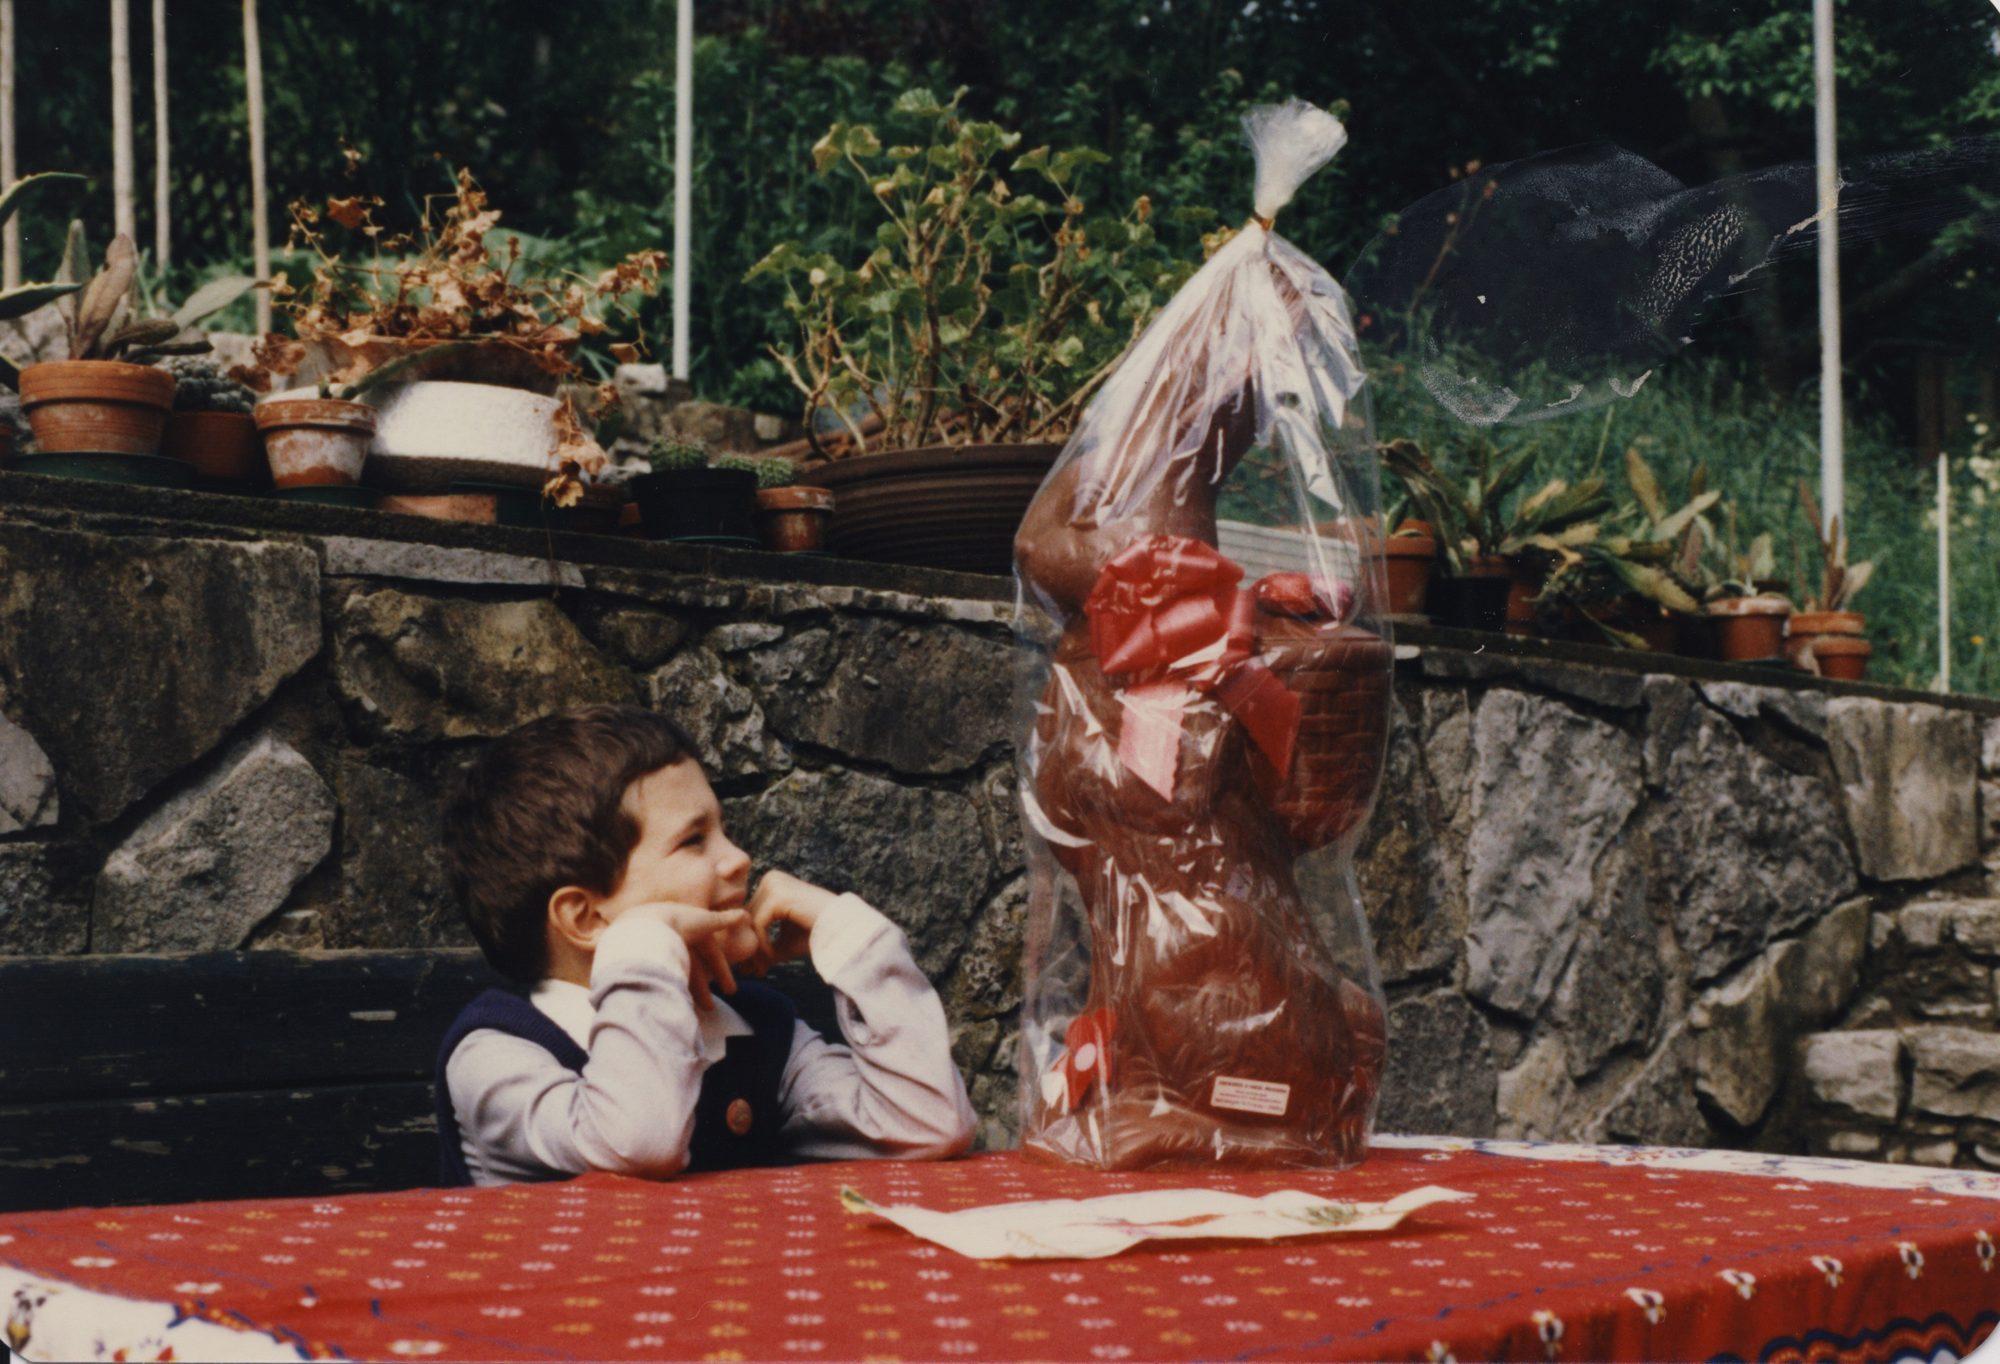 Schokoosterhasi für Thilo im April 1983.